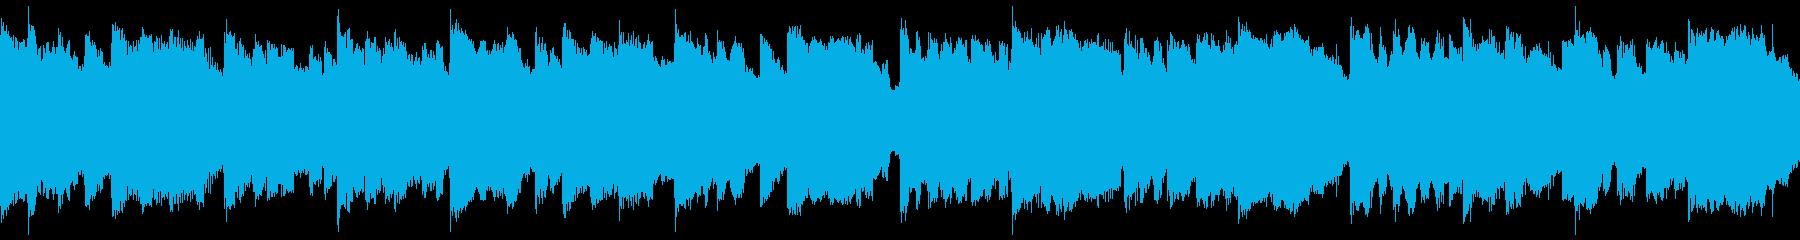 ゆる~いほのぼのかわいいリコーダーの再生済みの波形